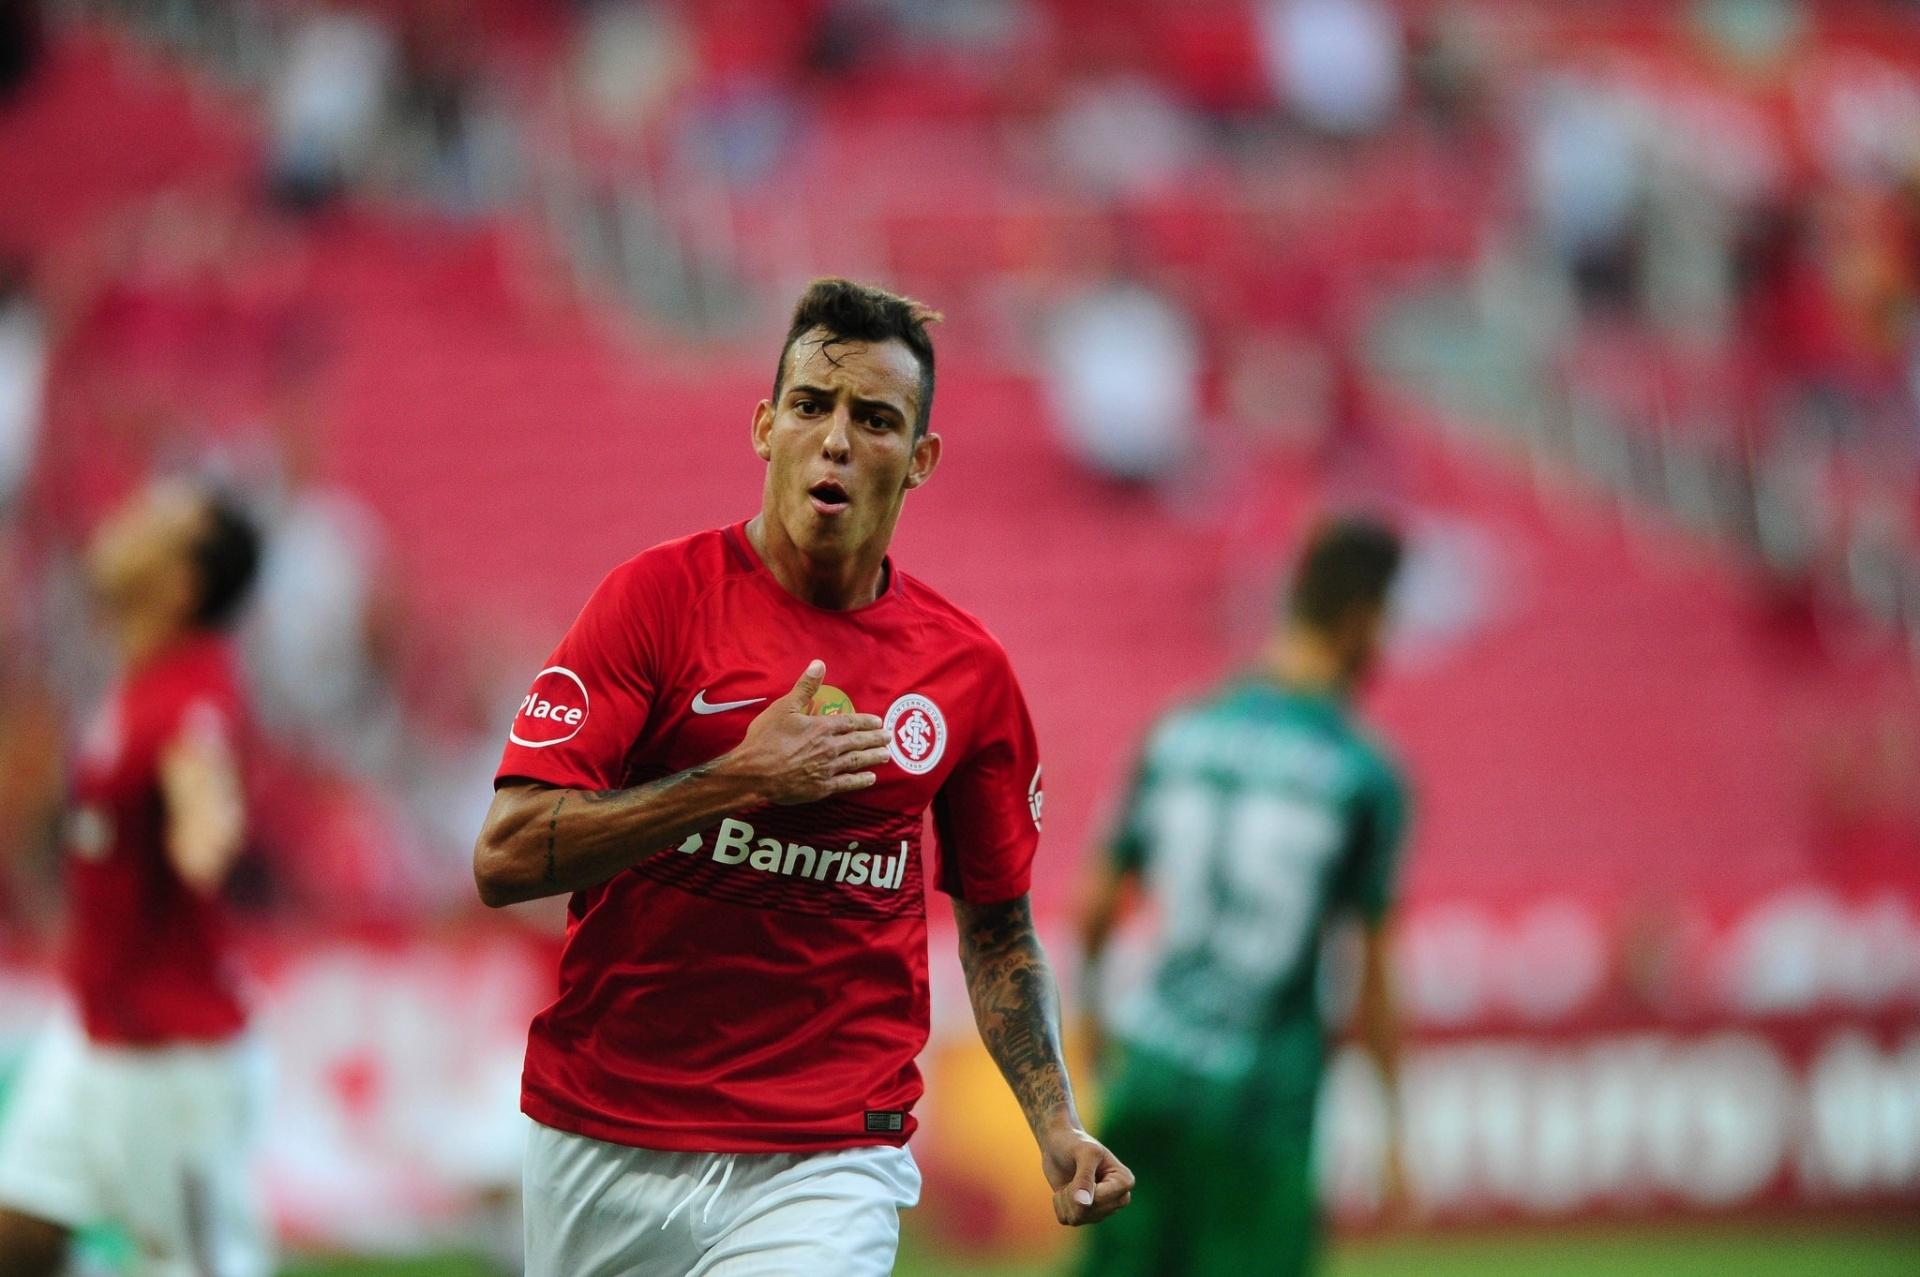 Inter se protege de assédio europeu e não tem interesse em liberar Iago -  02 07 2018 - UOL Esporte ab3b90301f5a1